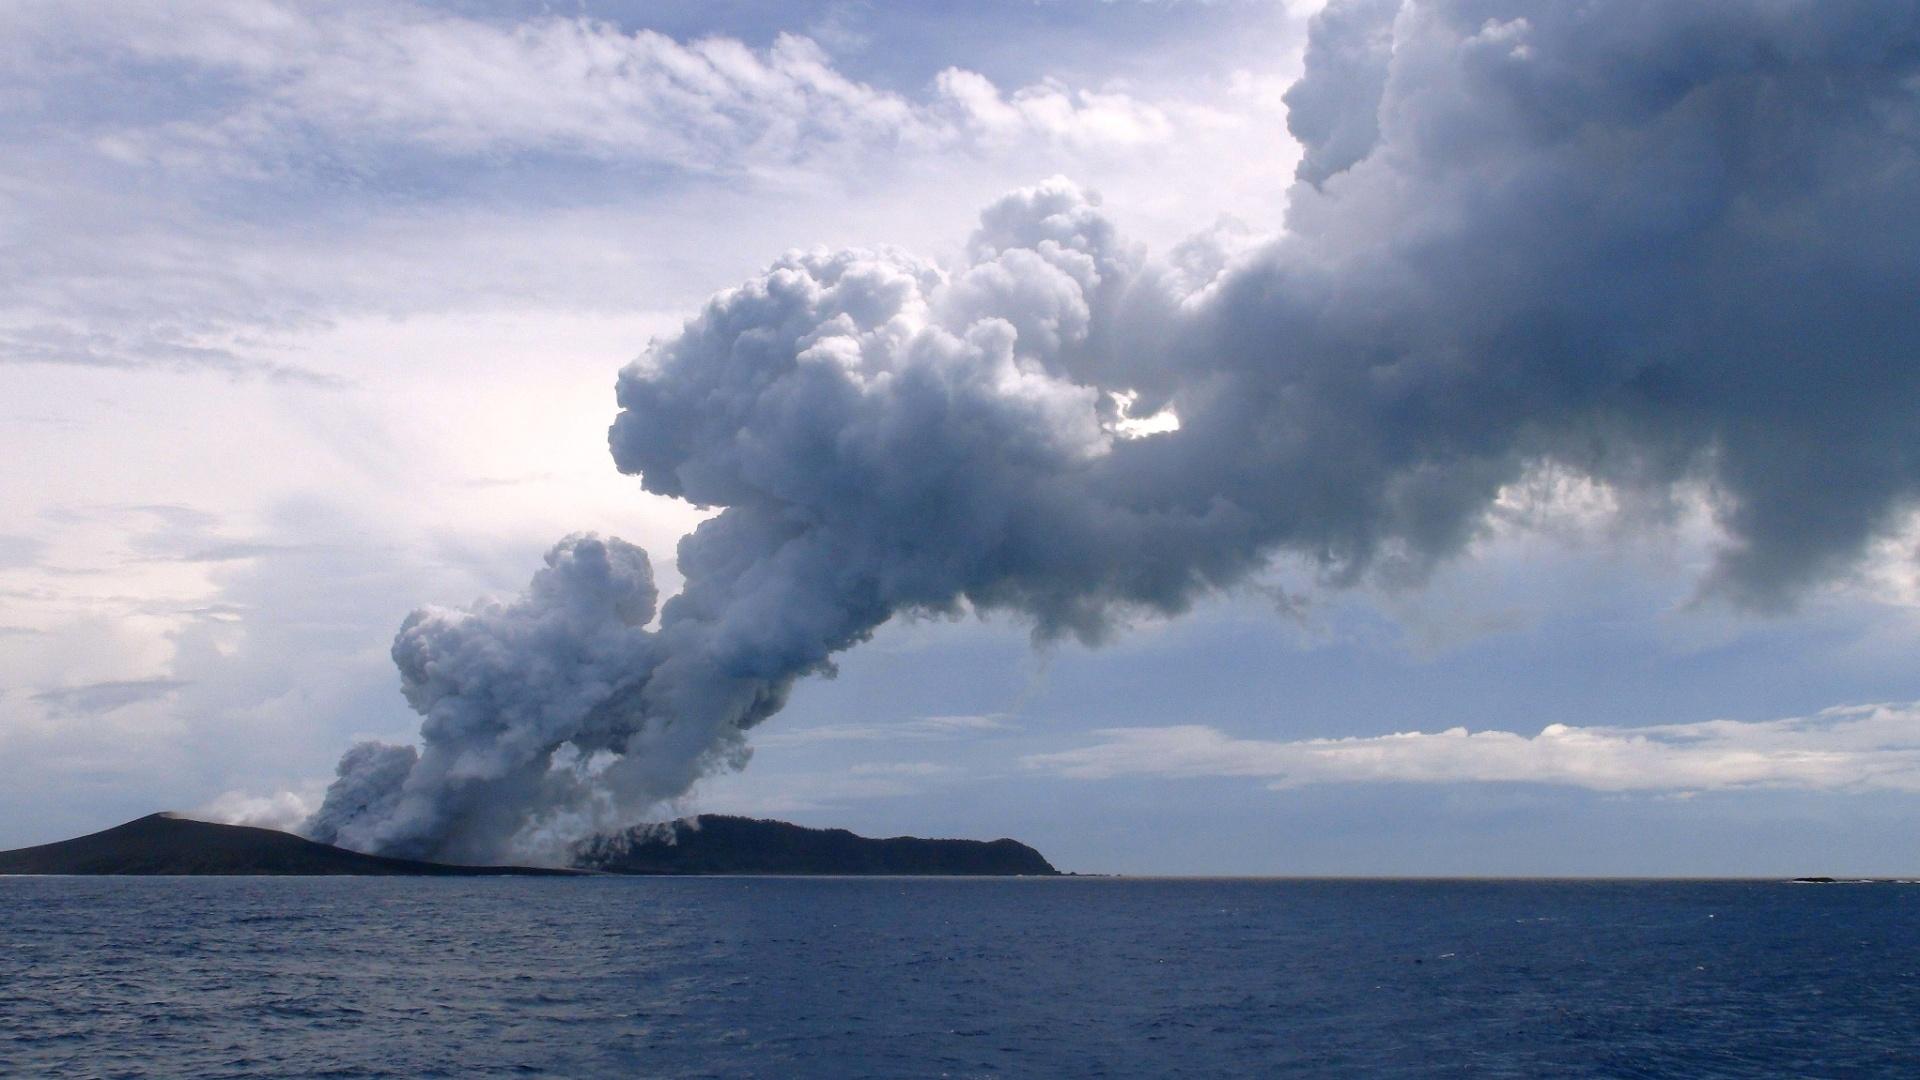 17.jan.2015 - Nuvem de vapor e gases sobe do local da erupção de um vulcão submarino no oceano Pacífico, cerca de 65 km a noroeste de Nuku'alofa, capital de Tonga, na manhã deste sábado (17). O vulcão criou uma nova ilha, desde que entrou em erupção, em dezembro do ano passado, expelindo grandes quantidades de rochas e magma